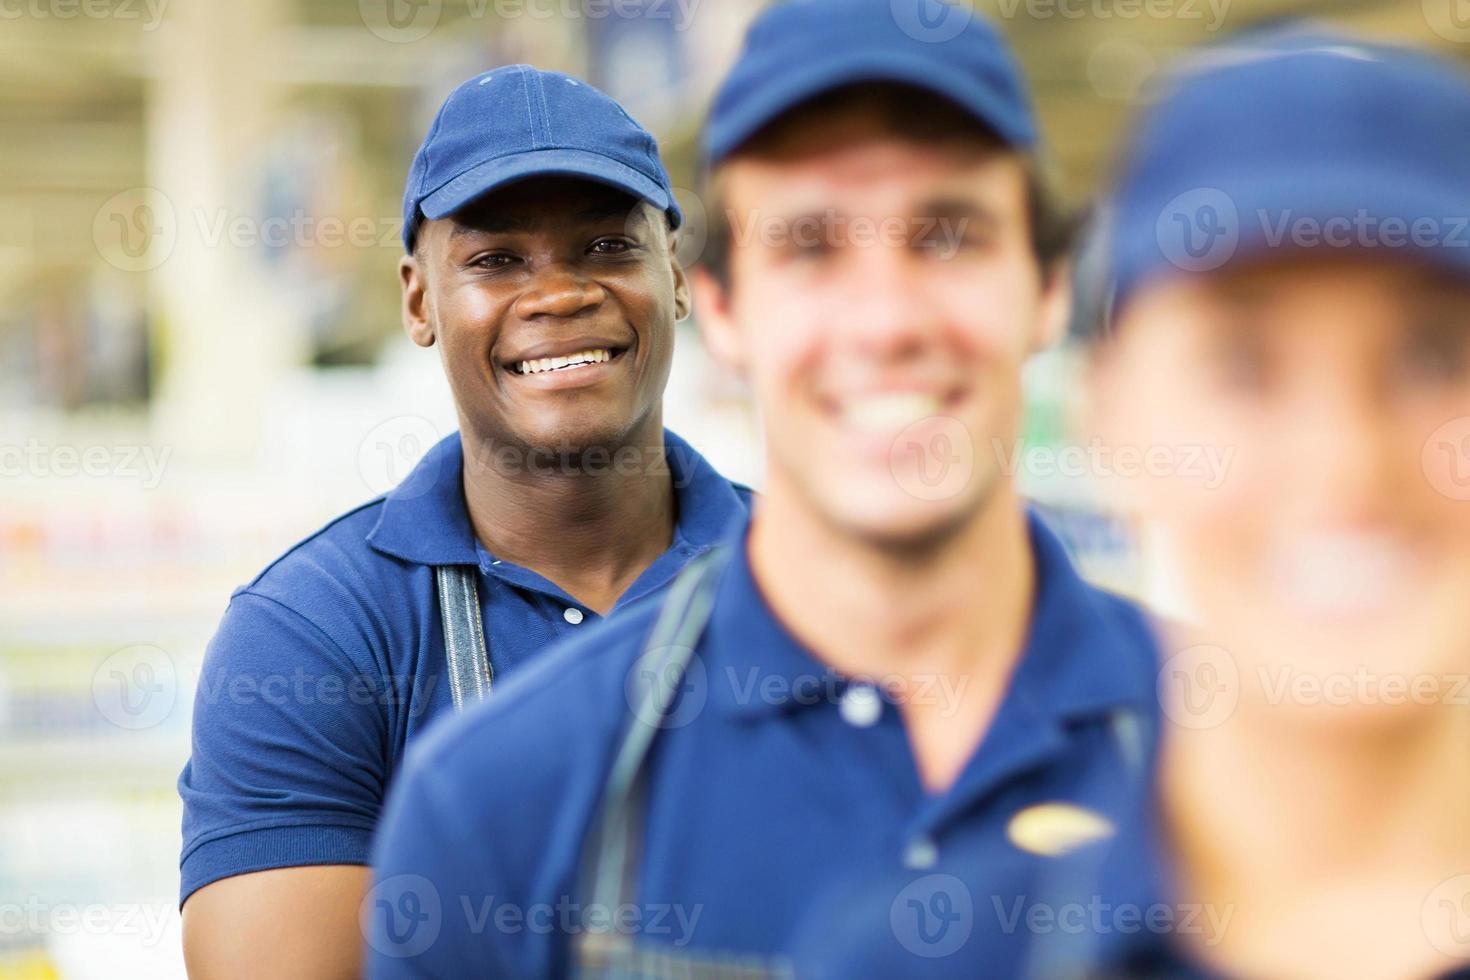 Trabajador afroamericano de ferretería con colegas foto